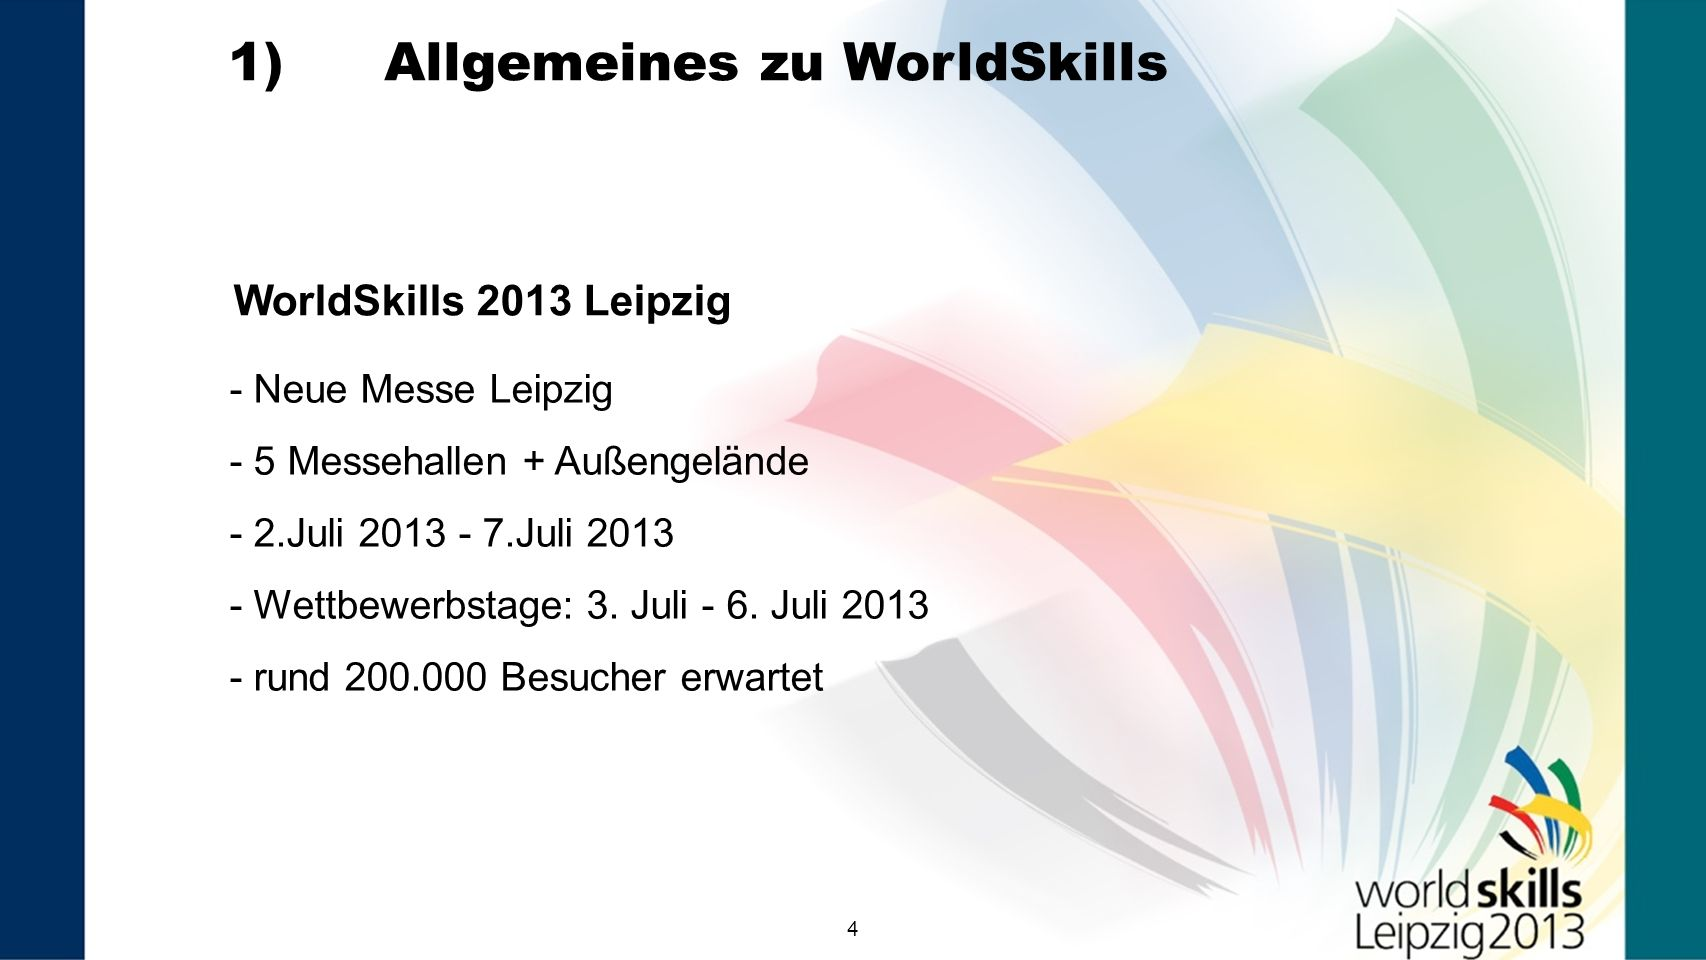 44 WorldSkills 2013 Leipzig - Neue Messe Leipzig - 5 Messehallen + Außengelände - 2.Juli 2013 - 7.Juli 2013 - Wettbewerbstage: 3.